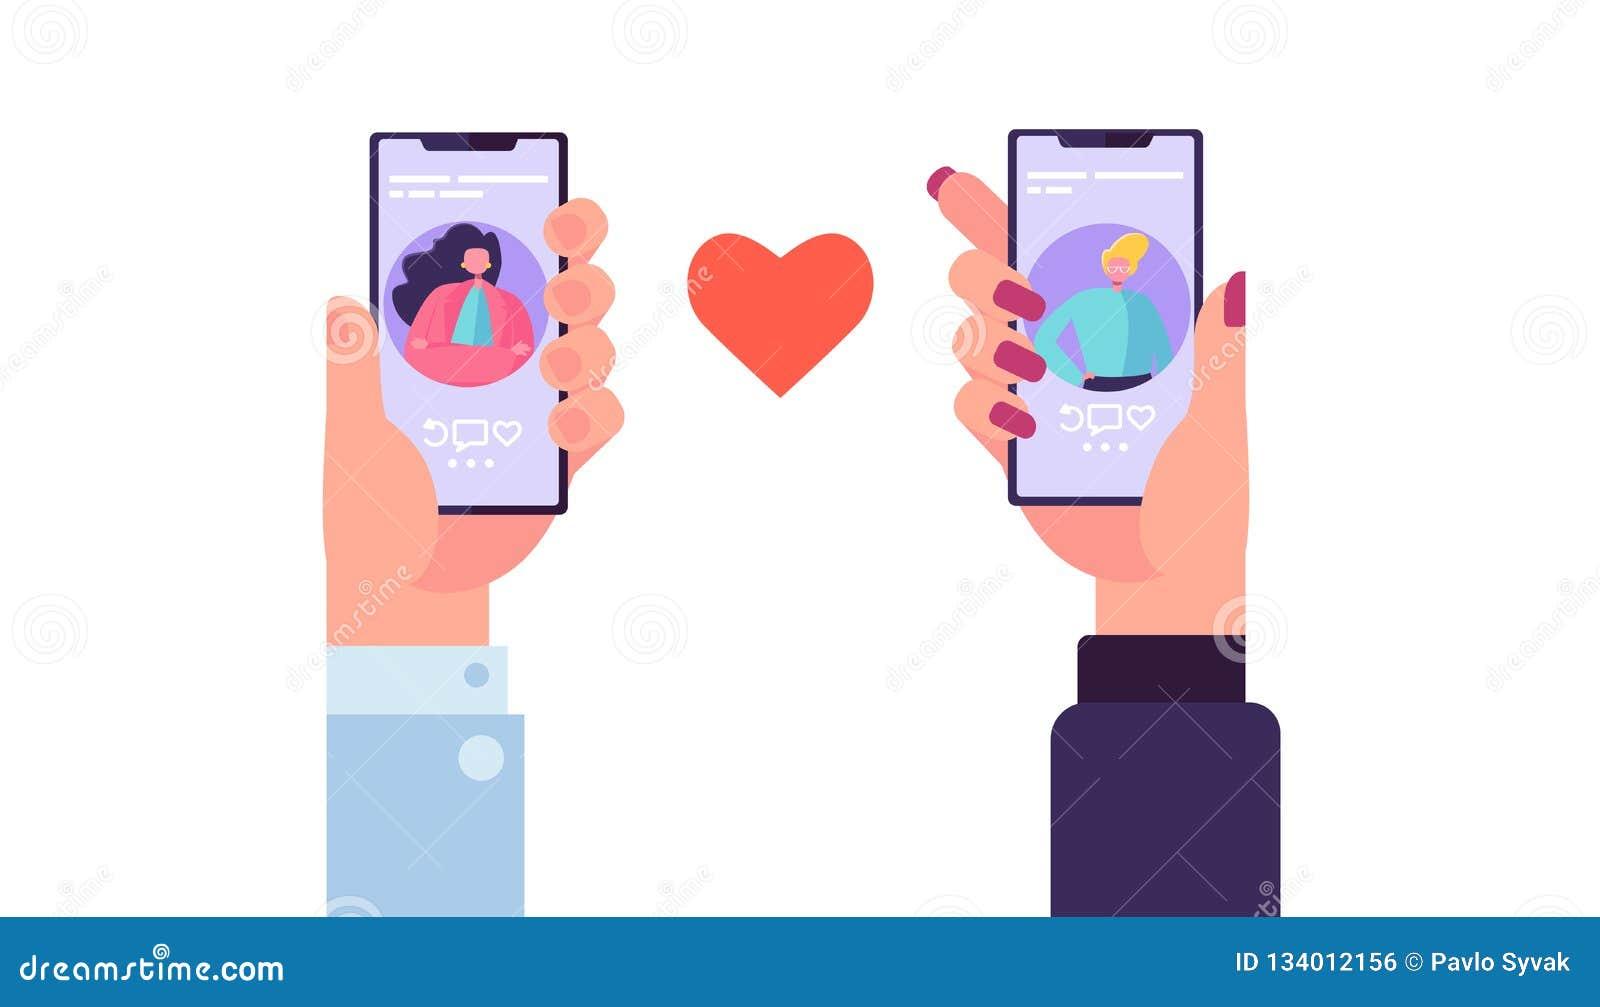 Smartphone die Toepassing dateren om Liefde te vinden Handenholding Mobiel met Man en Vrouwenprofiel Romaanse App verhoudingen